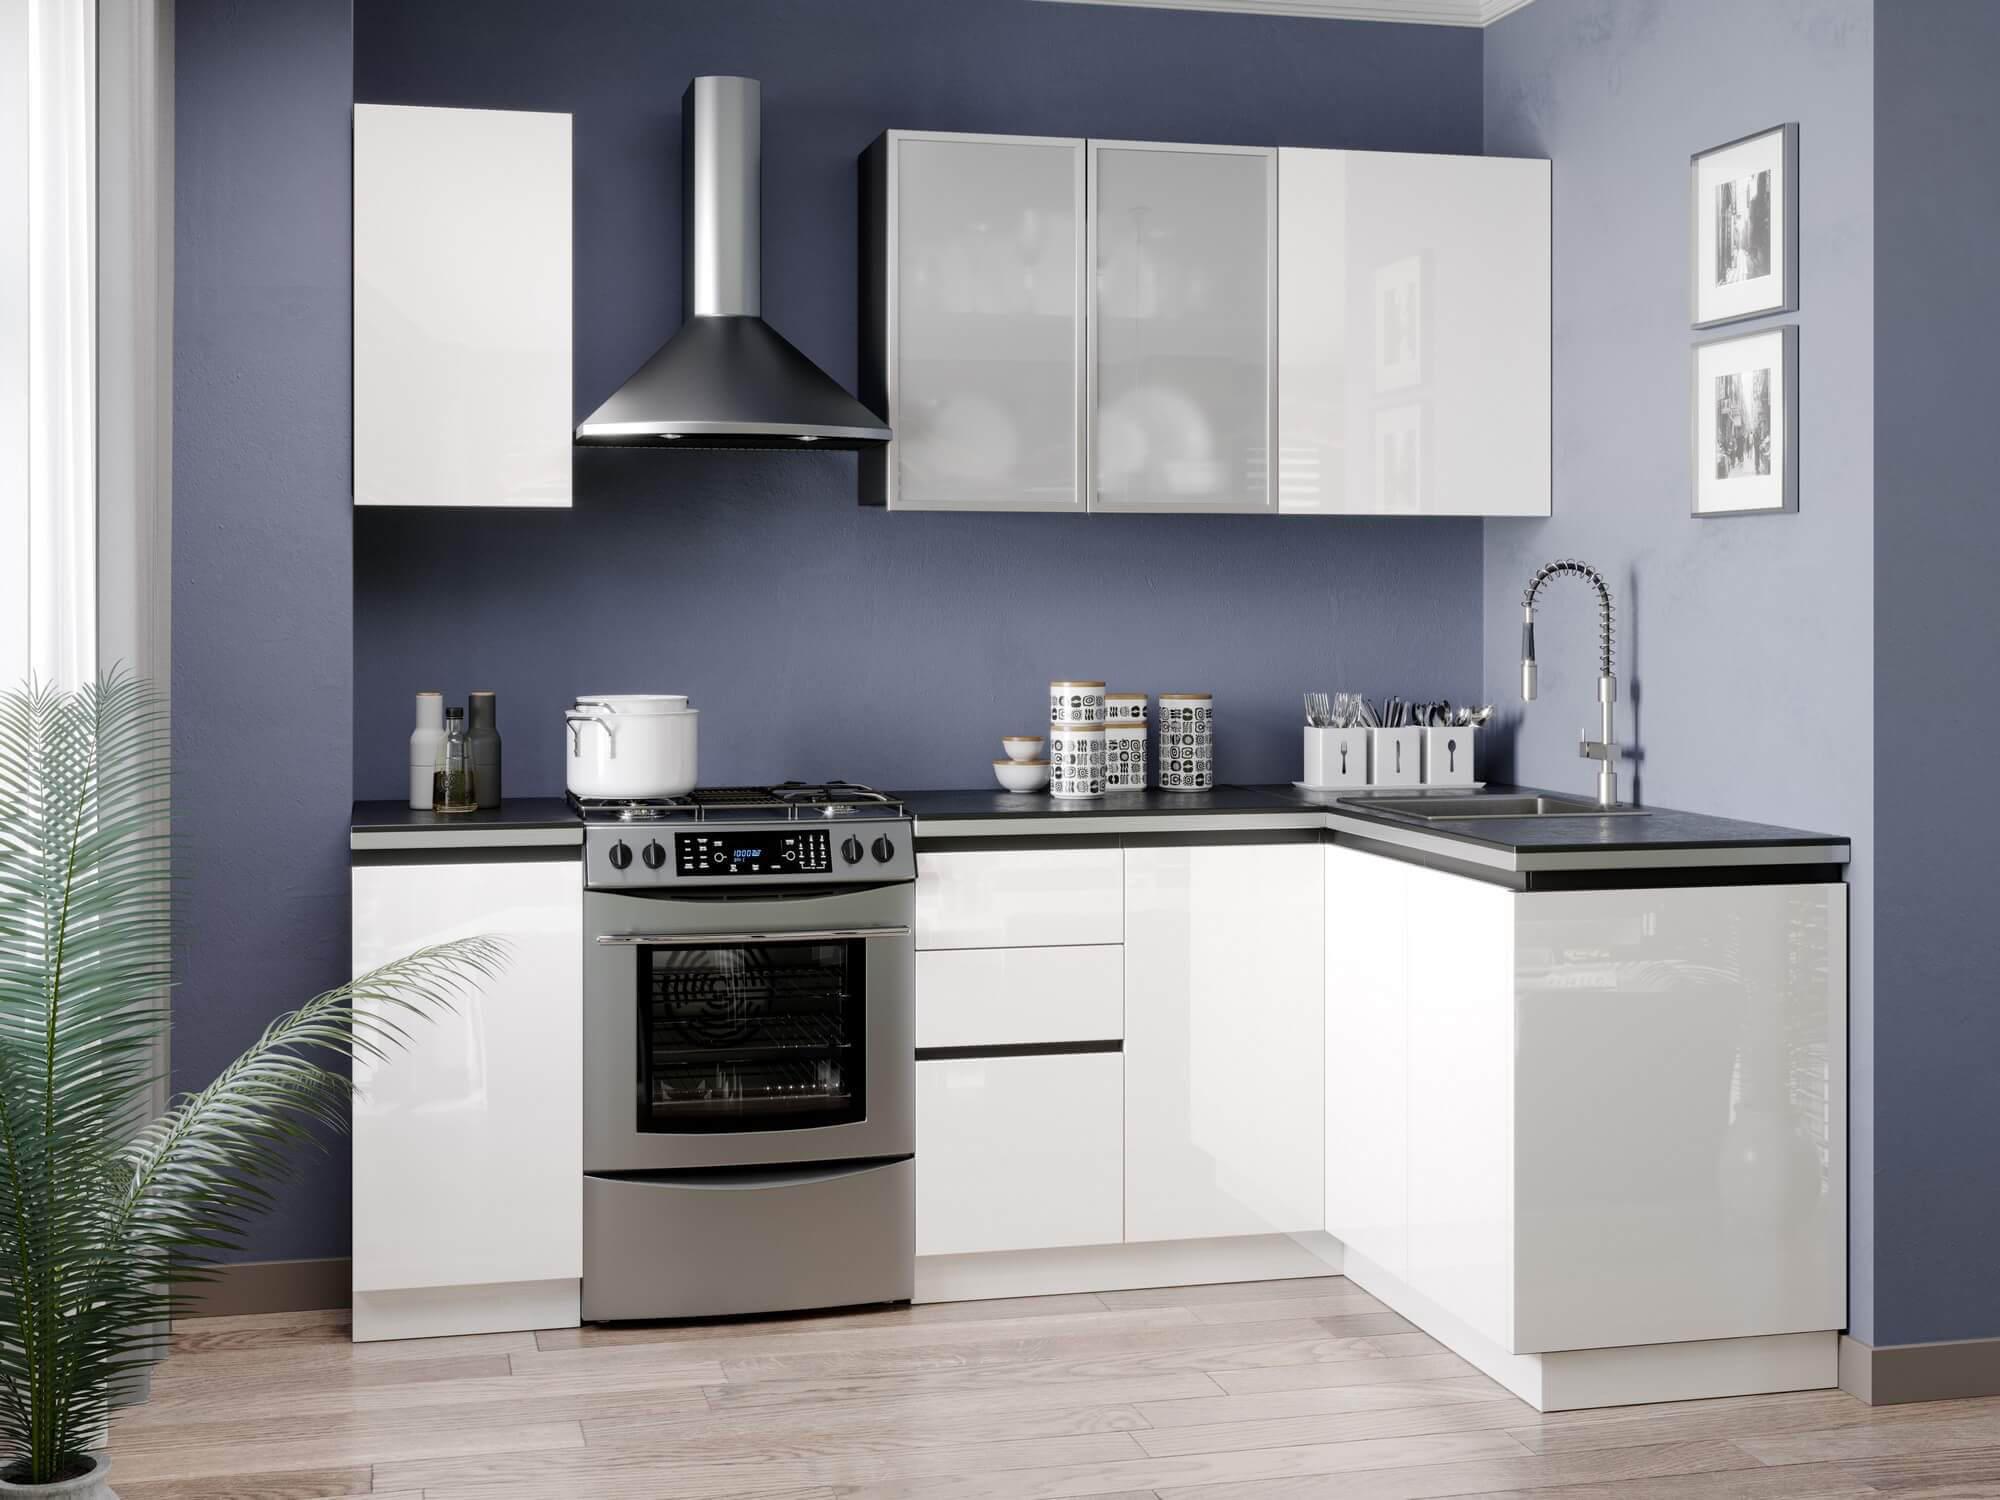 Модульная кухня Шервуд (Чёрный/Белый глянец) купить в Москве в интернет-магазине Любимый дом